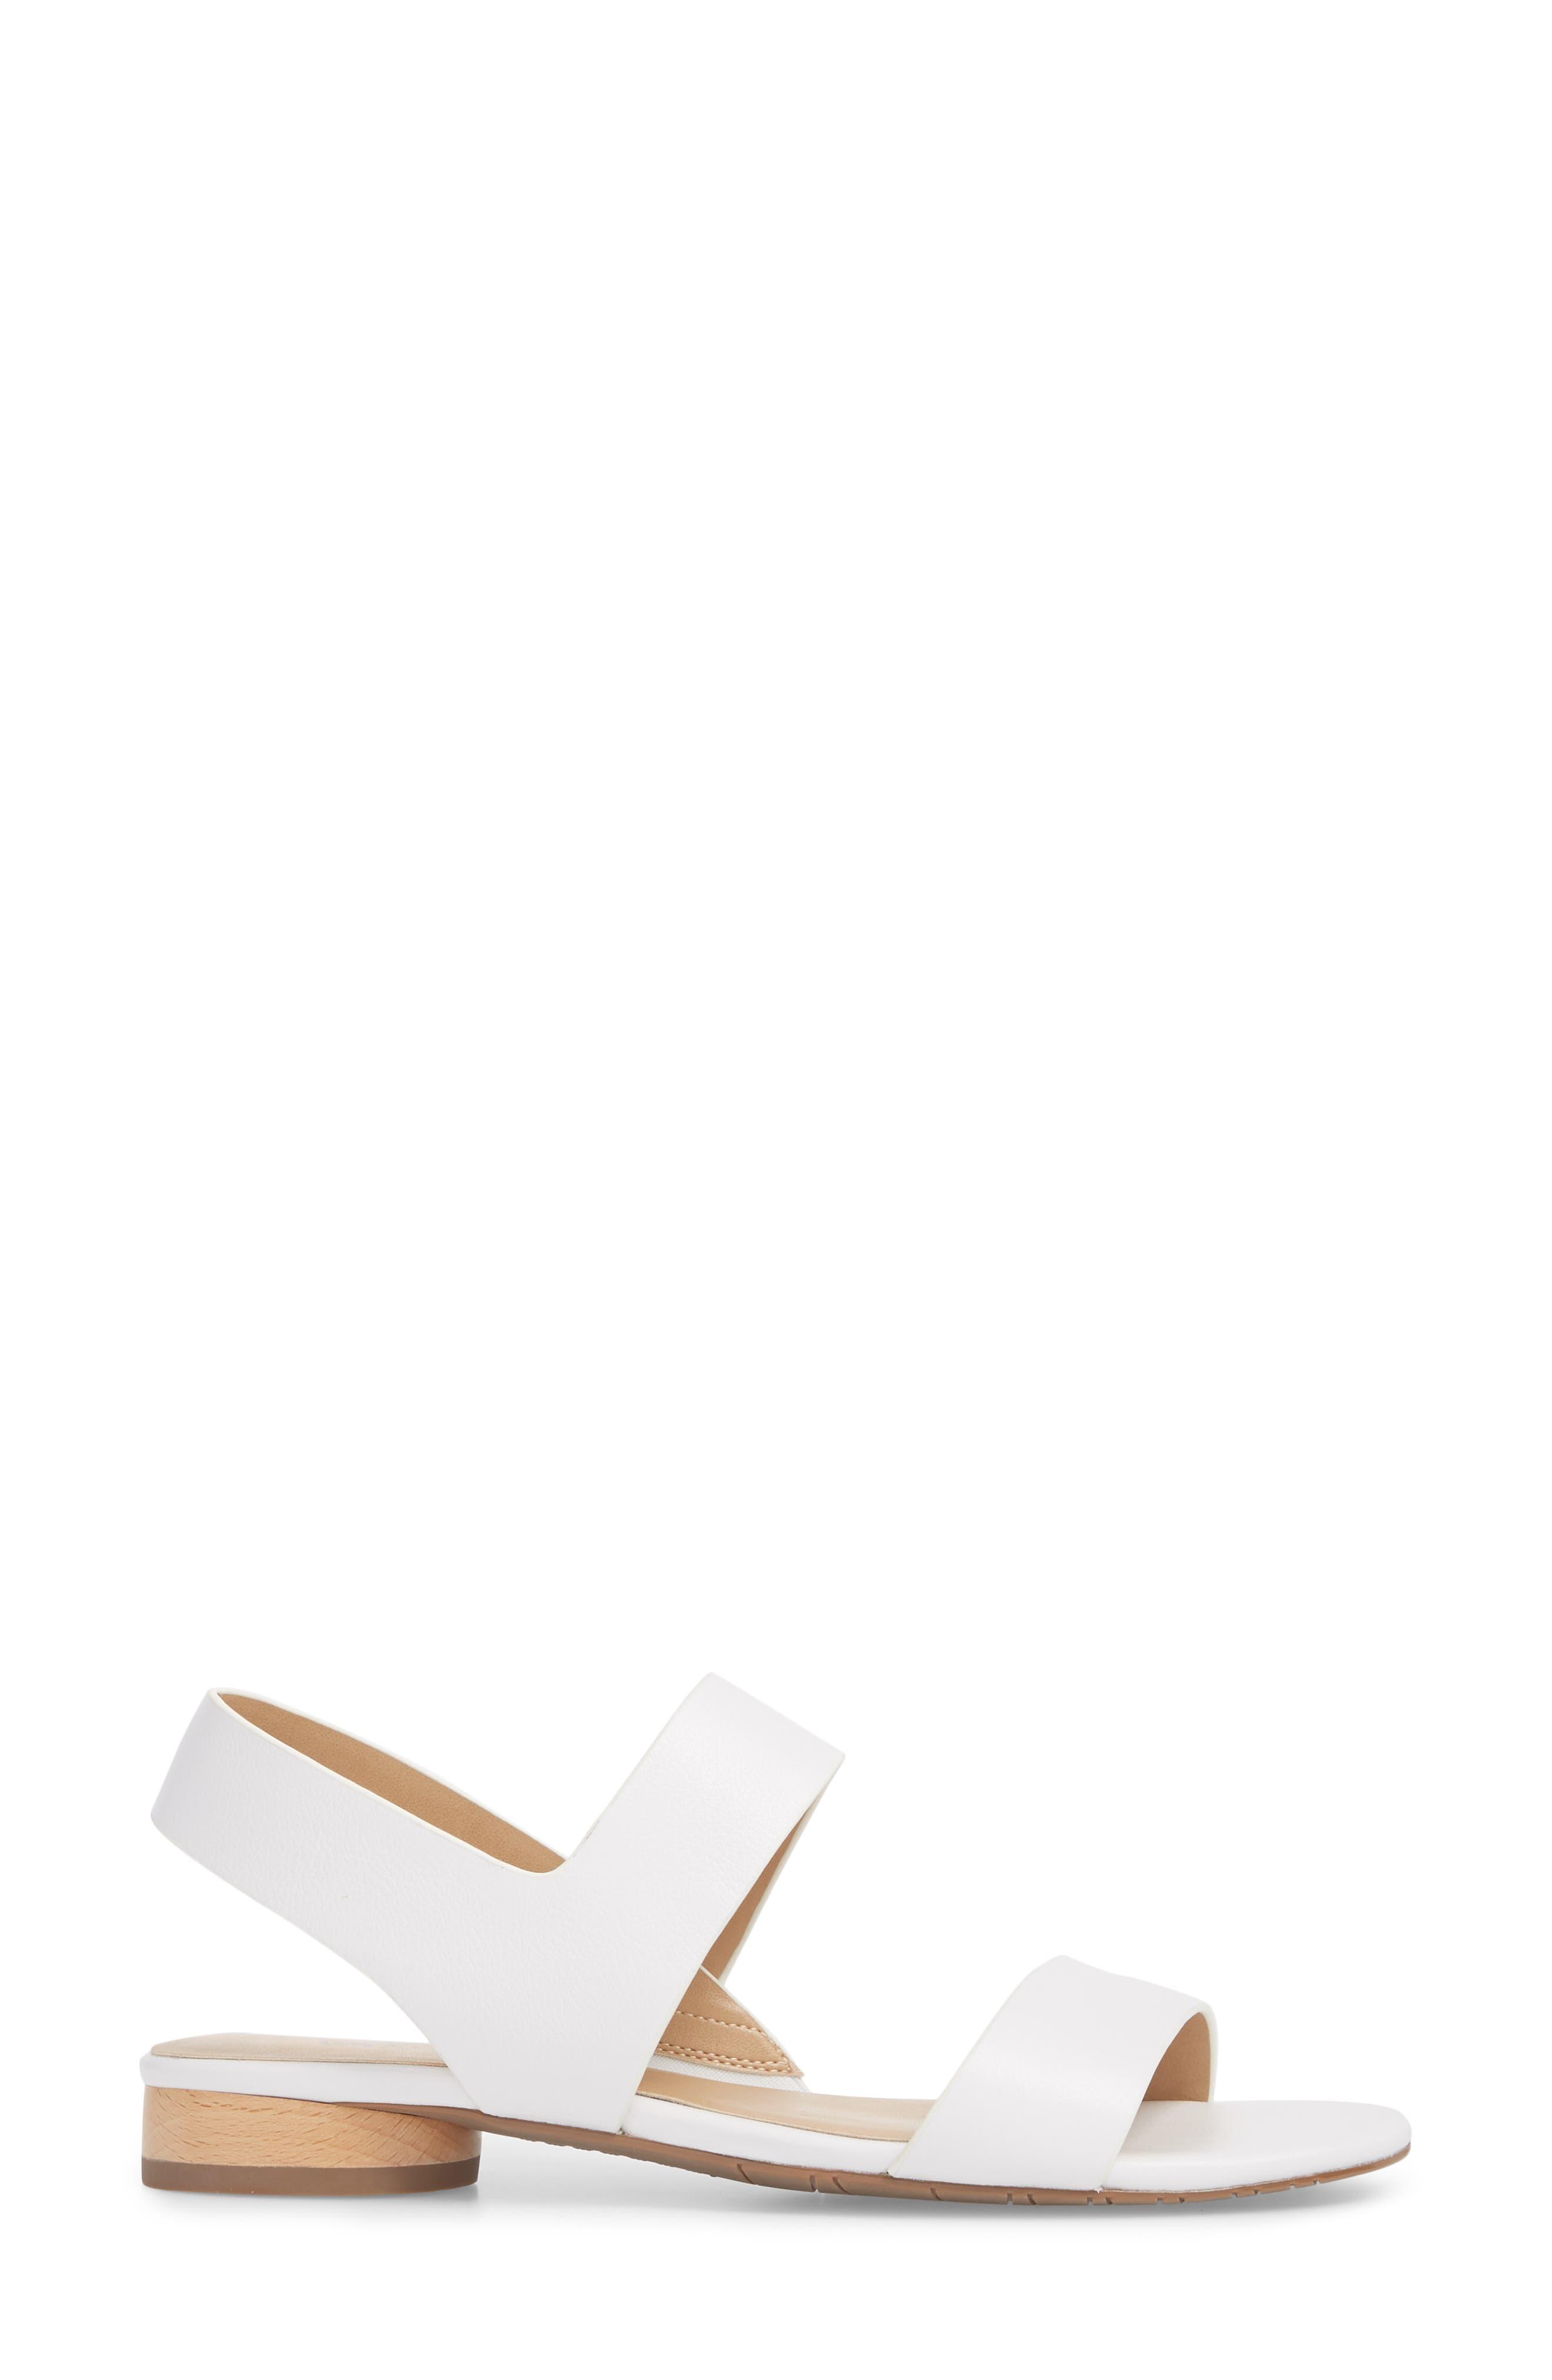 Blanka Sandal,                             Alternate thumbnail 3, color,                             White Leather